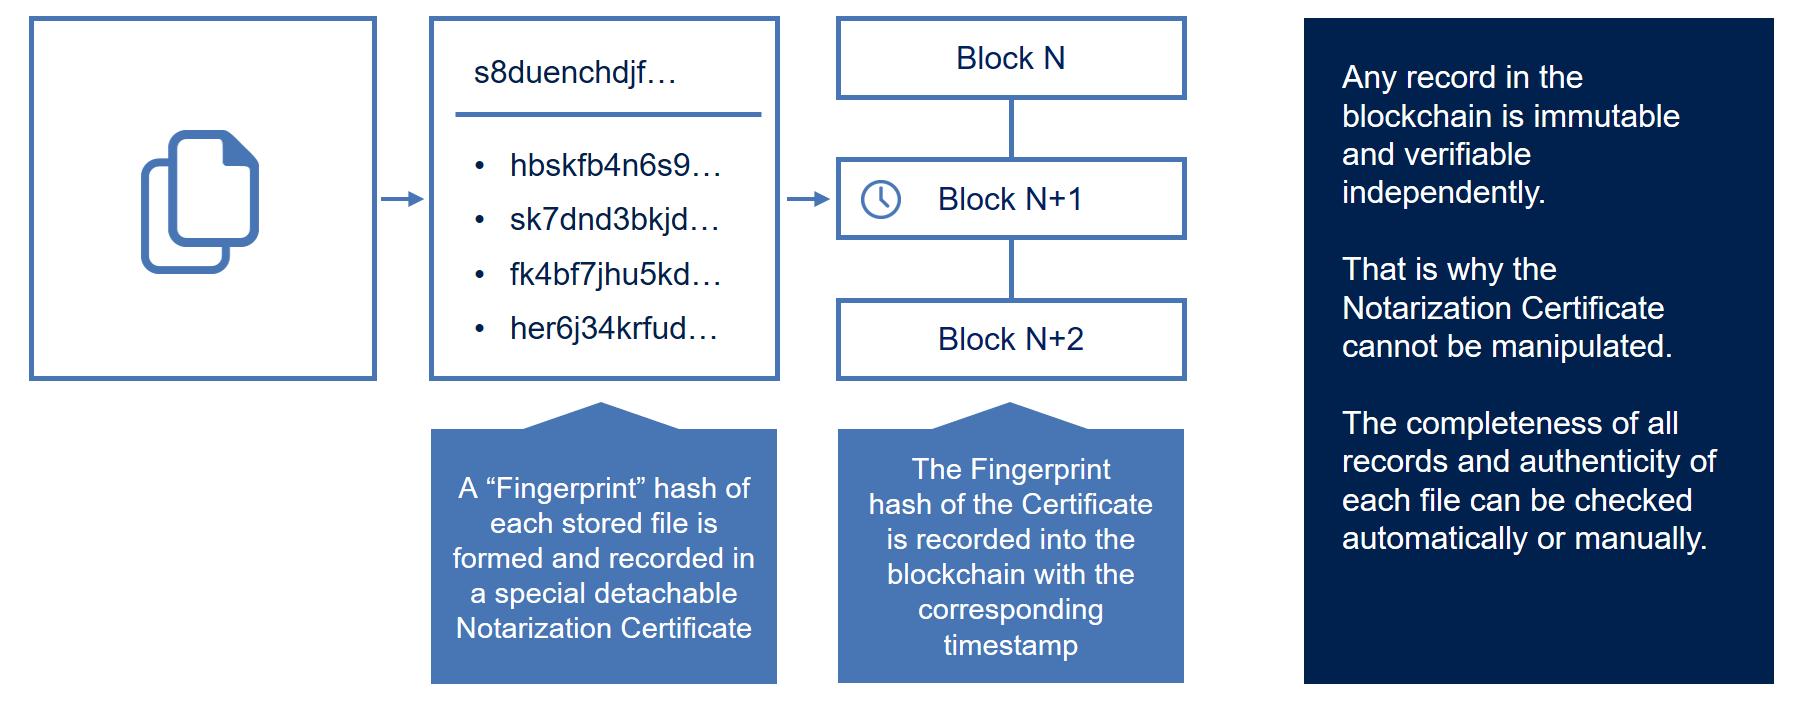 雲端如何確保重要檔案不被竄改?區塊鏈確保符合法規!